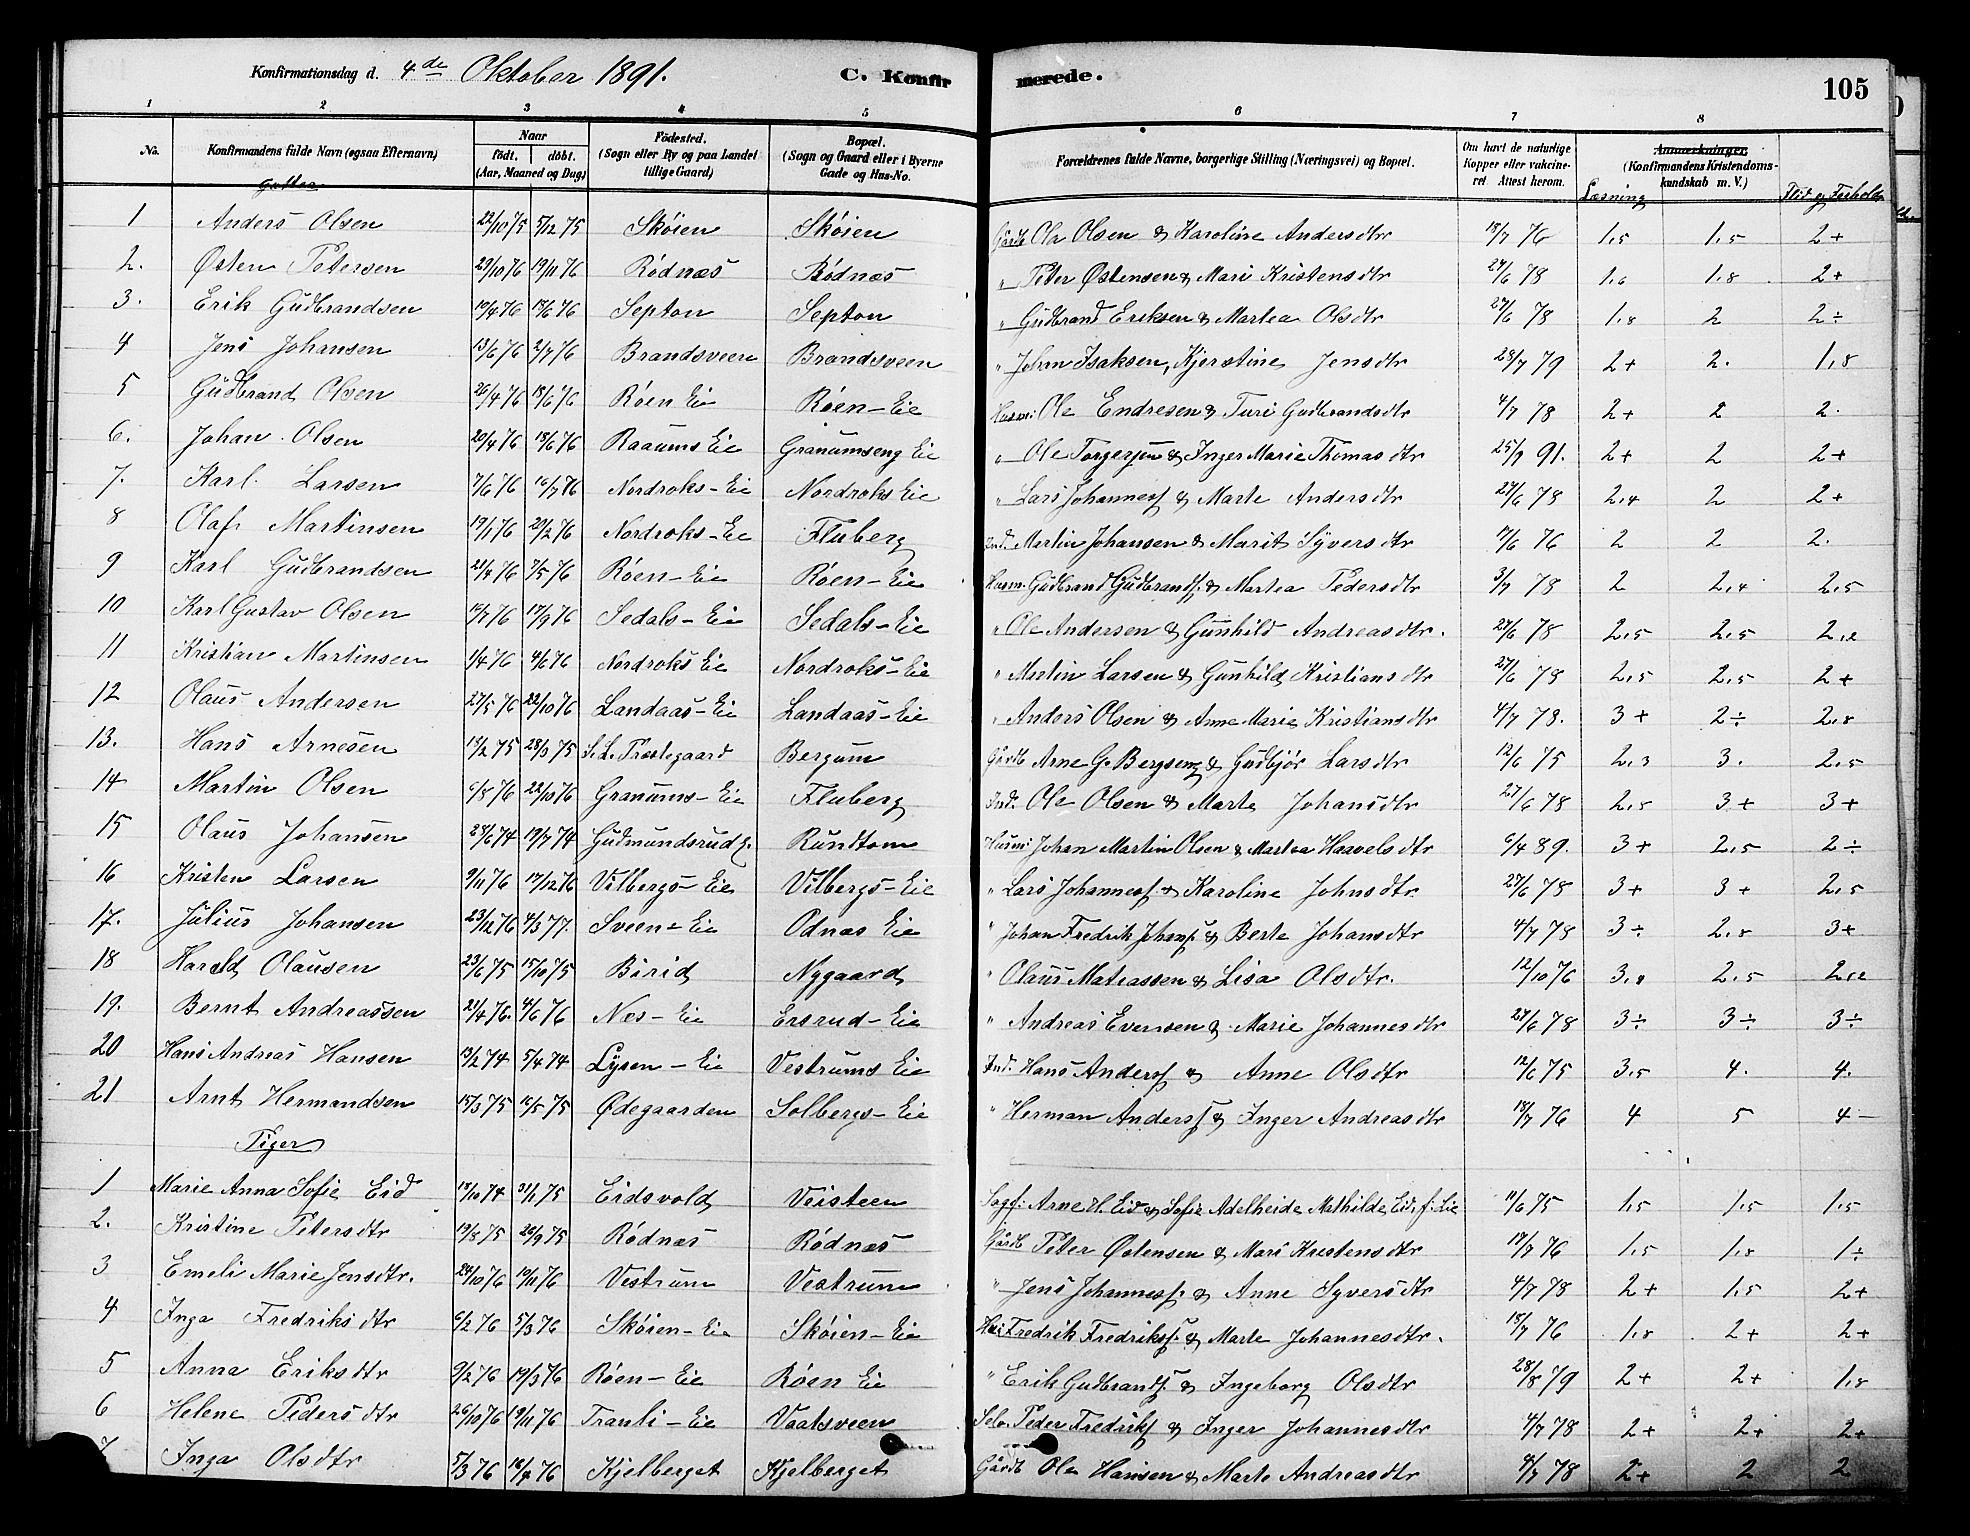 SAH, Søndre Land prestekontor, K/L0002: Ministerialbok nr. 2, 1878-1894, s. 105